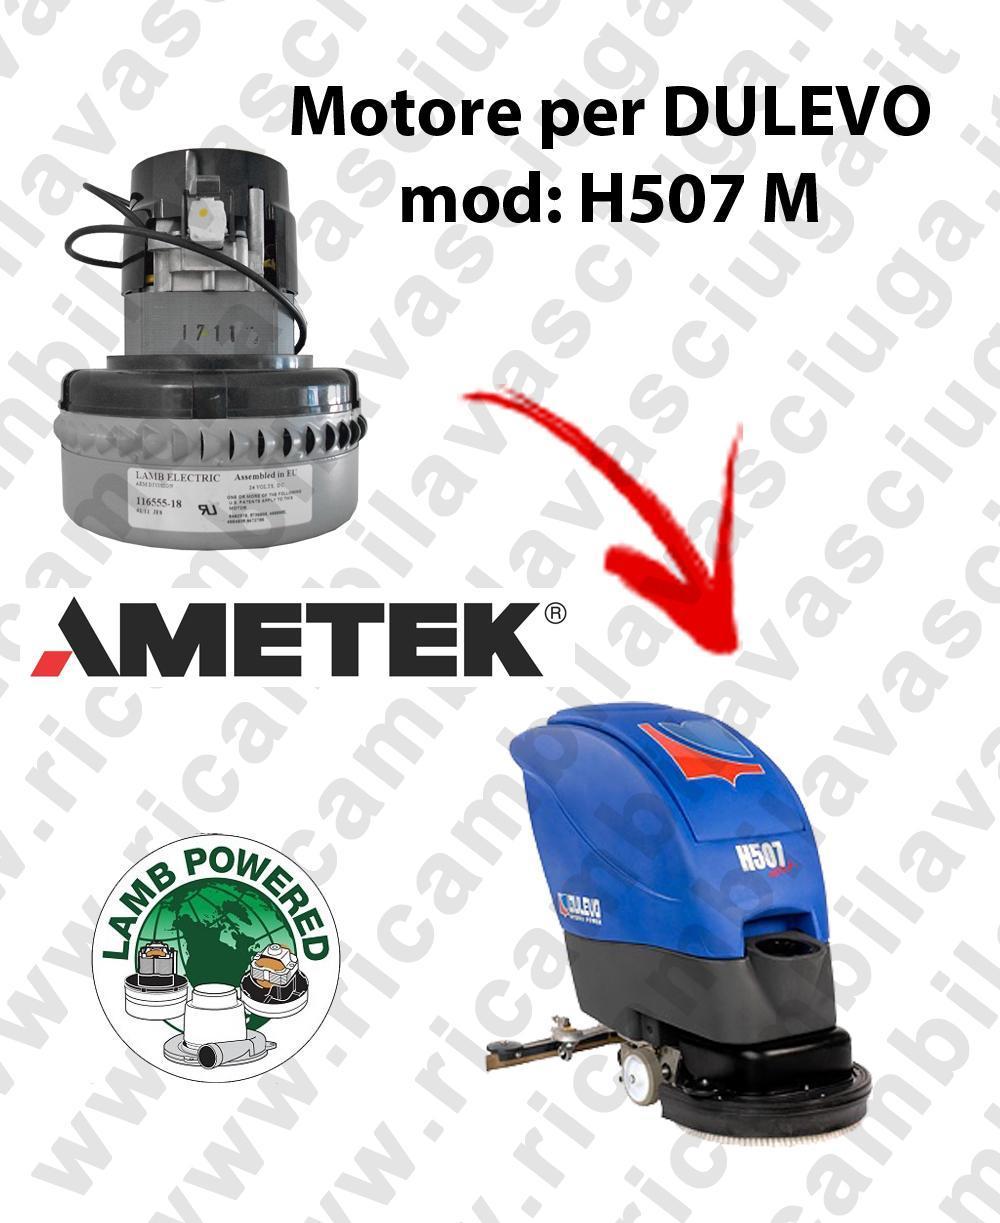 H507 M MOTEUR ASPIRATION LAMB AMATEK pour autolaveuses DULEVO